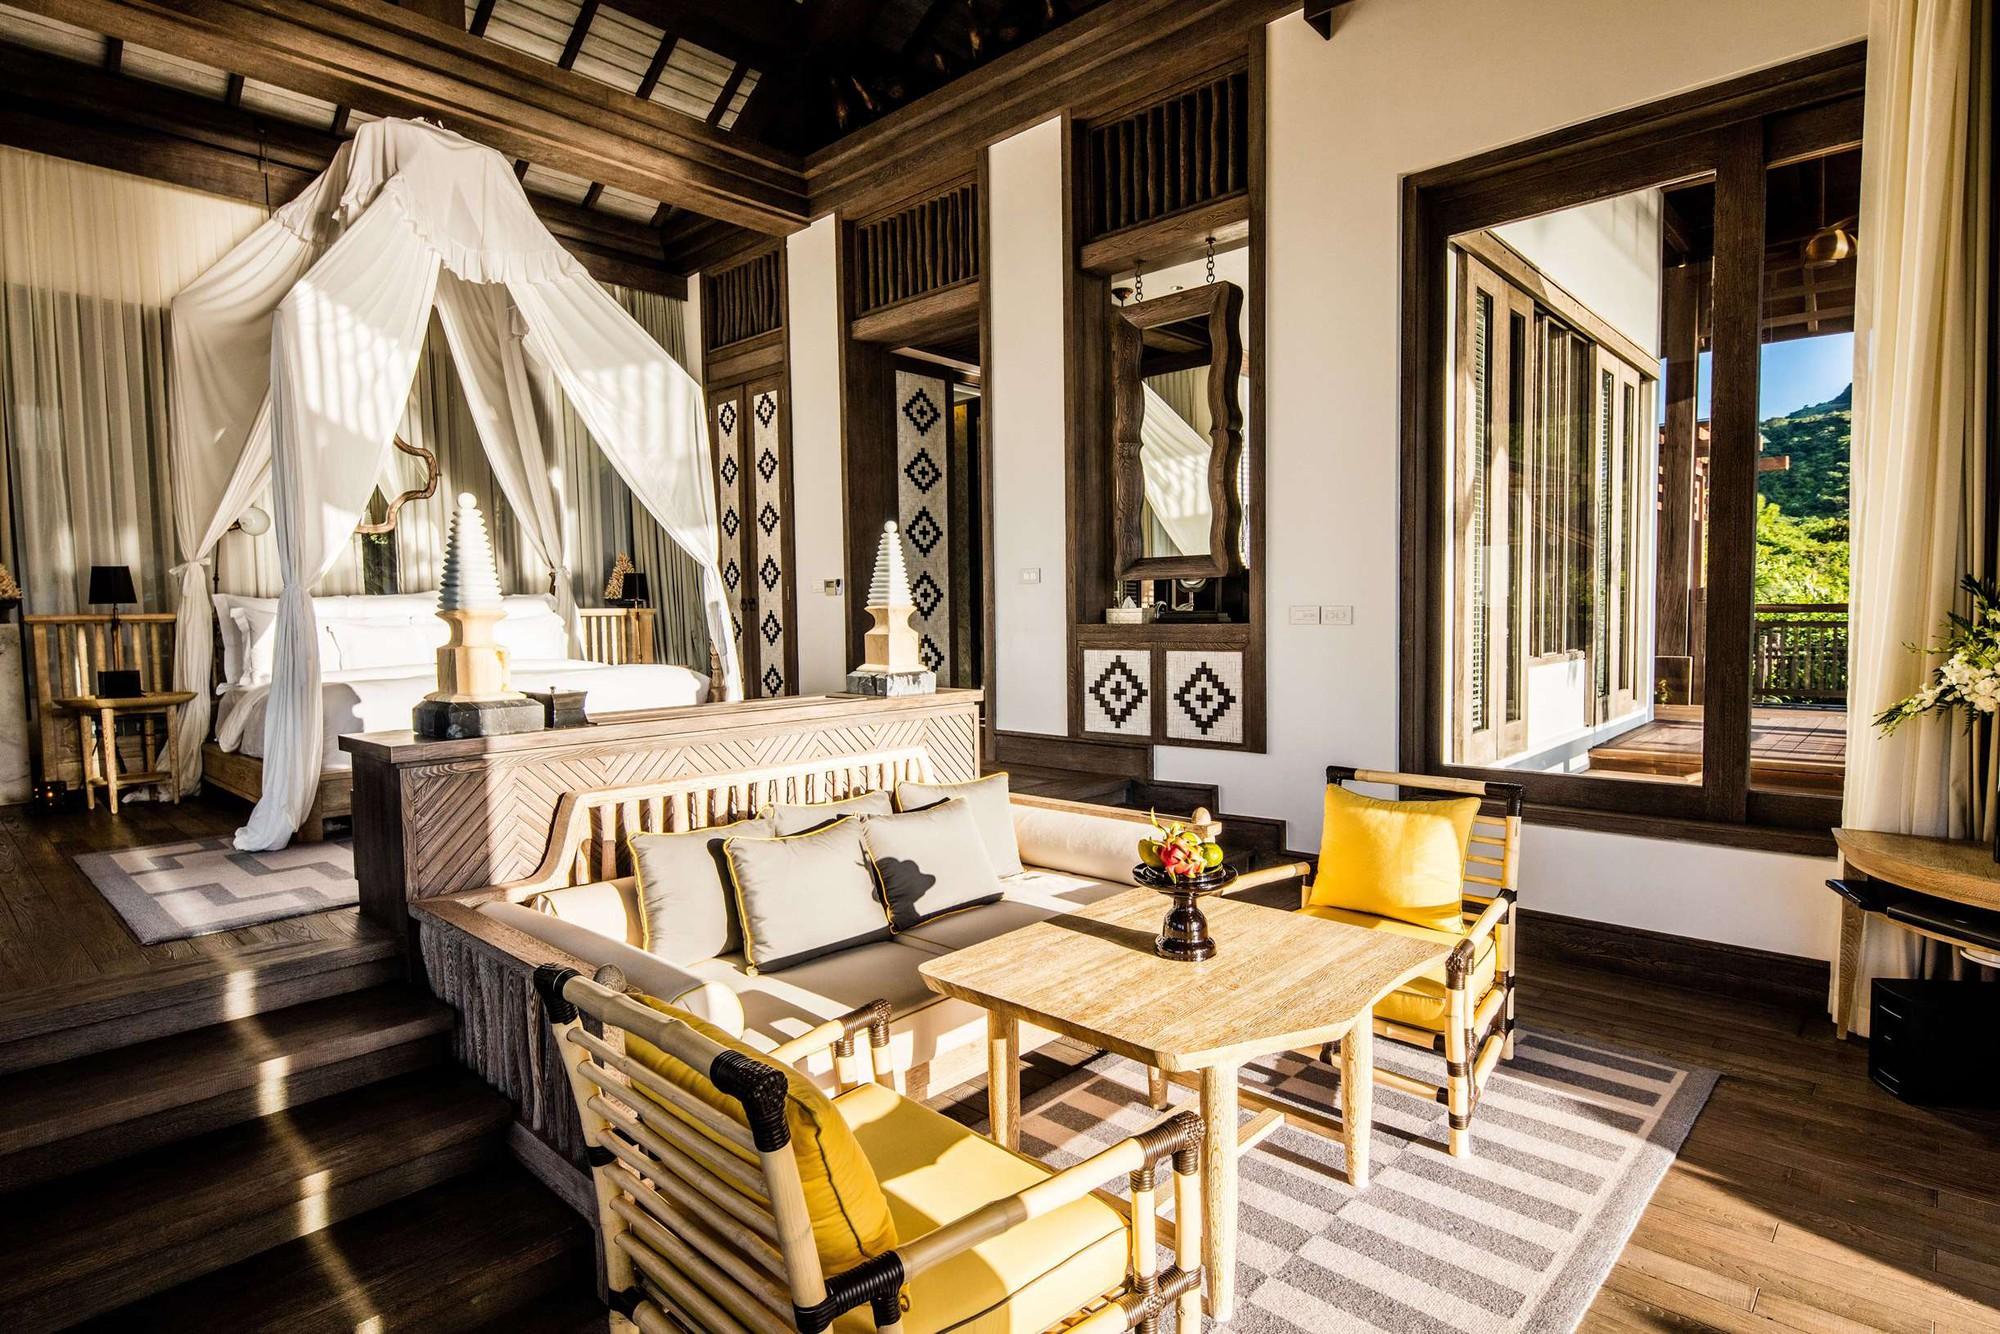 Báo Mỹ viết về khu resort hàng đầu thế giới tại Đà Nẵng, nơi nghỉ ngơi của các nhà lãnh đạo APEC với giá phòng lên tới 70 triệu đồng/đêm - Ảnh 9.